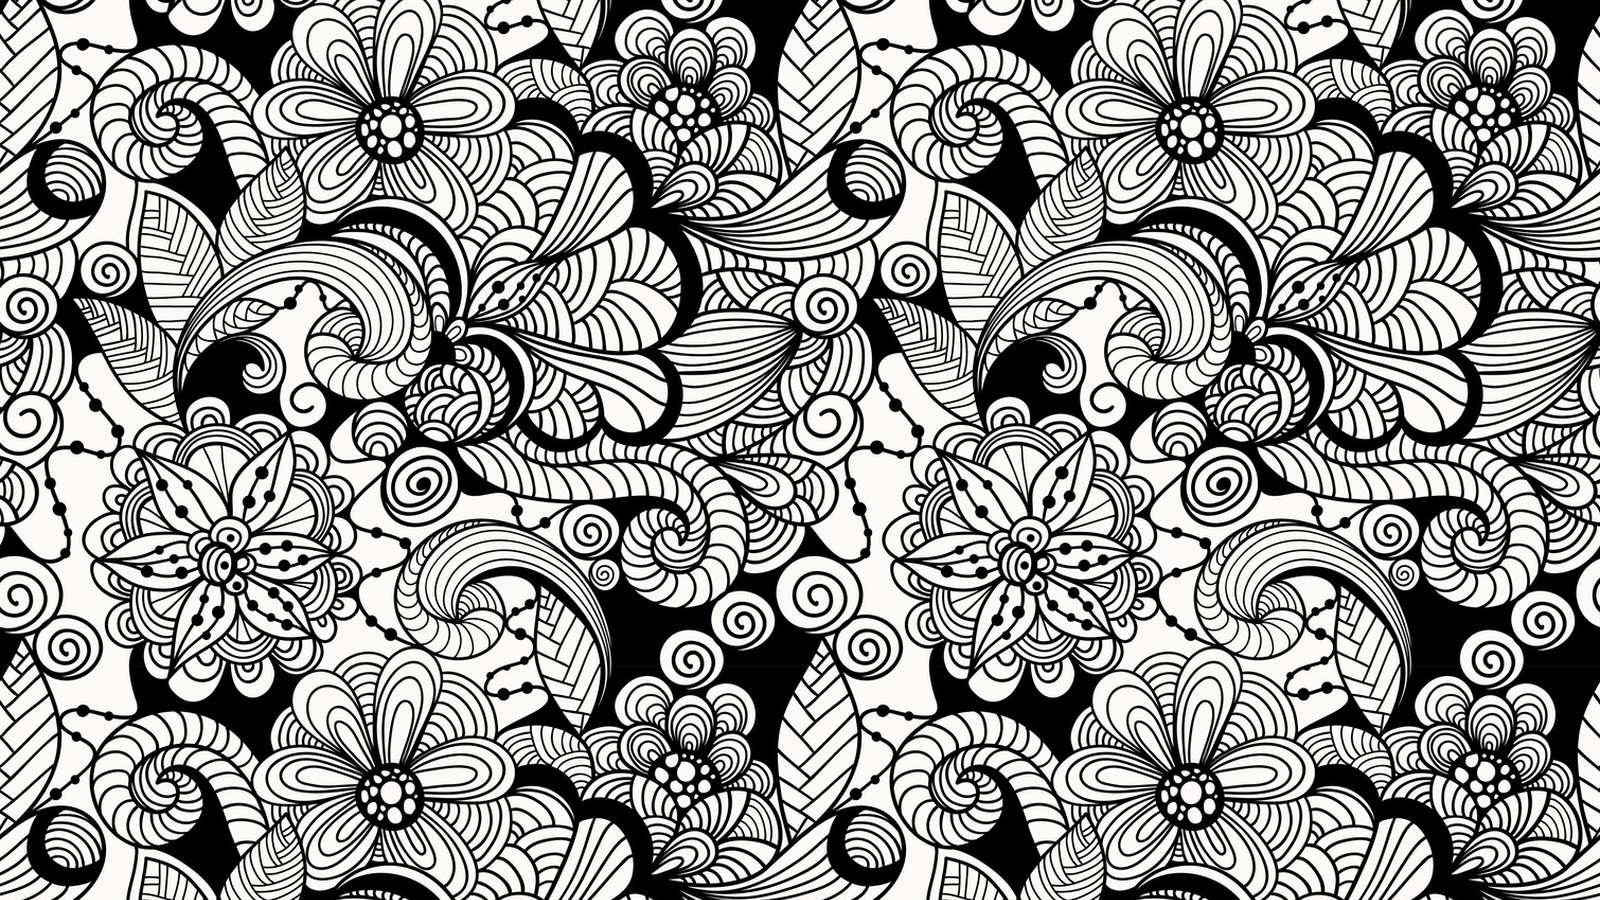 Zentangle Beseelt Und Entspannt Zeichnen über Die Berühmte